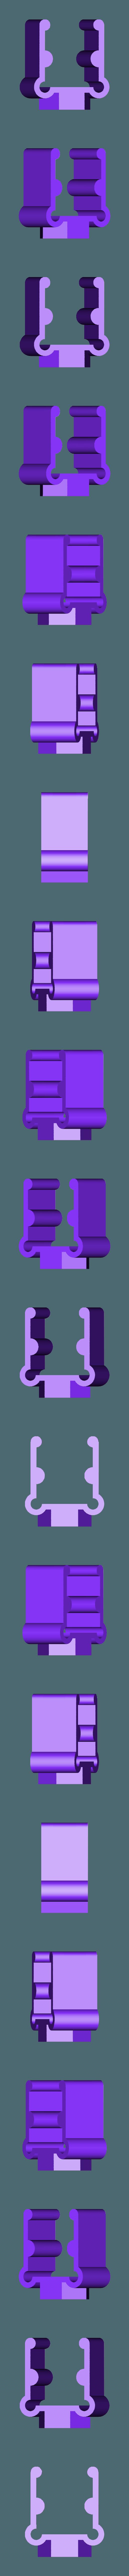 Base.stl Télécharger fichier STL gratuit 20/20 Porte-bobine et pince • Modèle pour imprimante 3D, LionFox